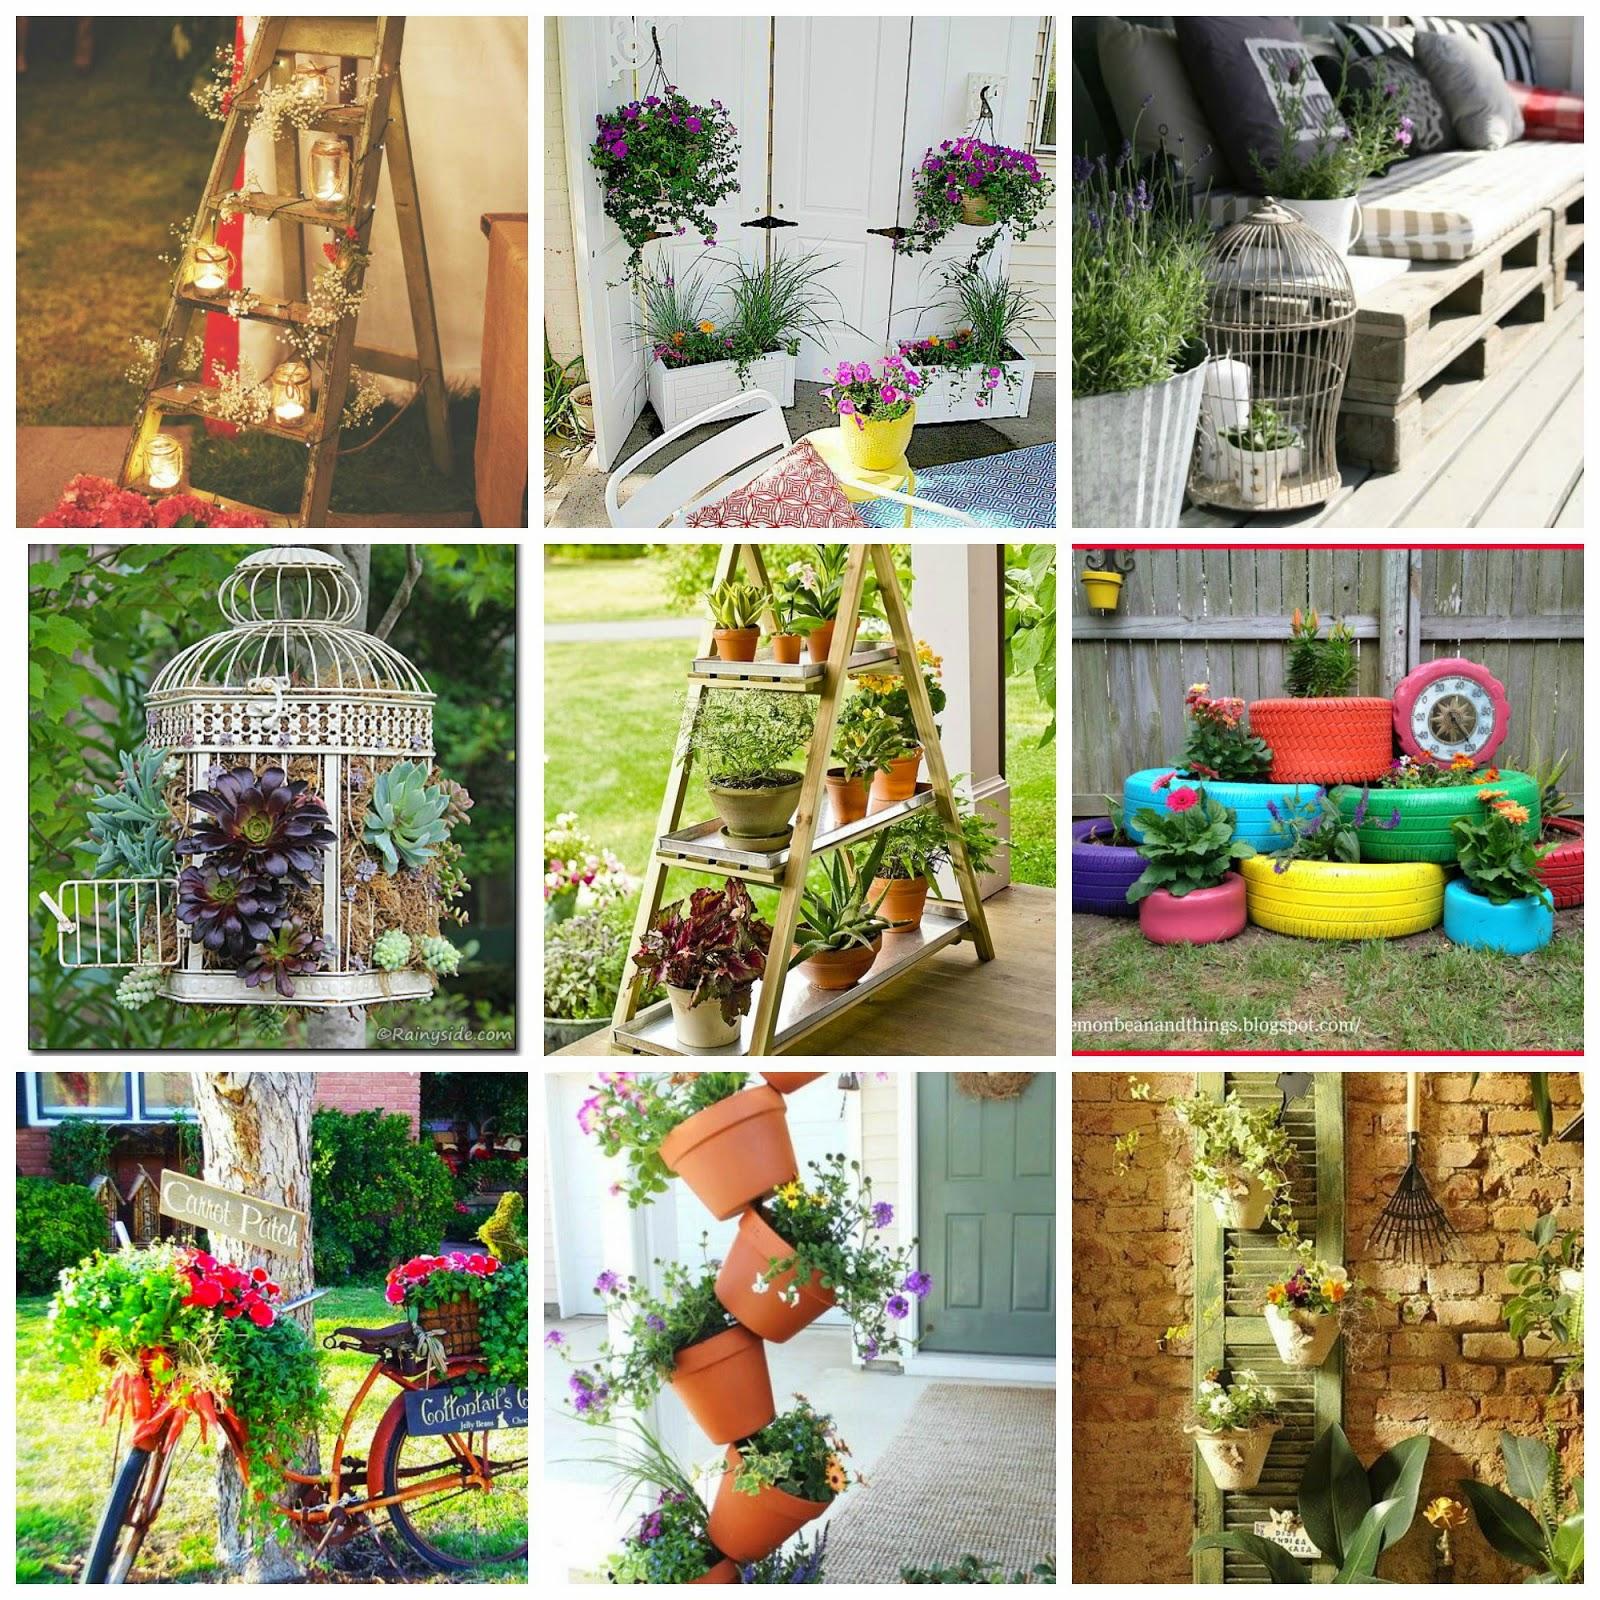 ... idee carinissime per arredare e decorare il giardino a quasi costo